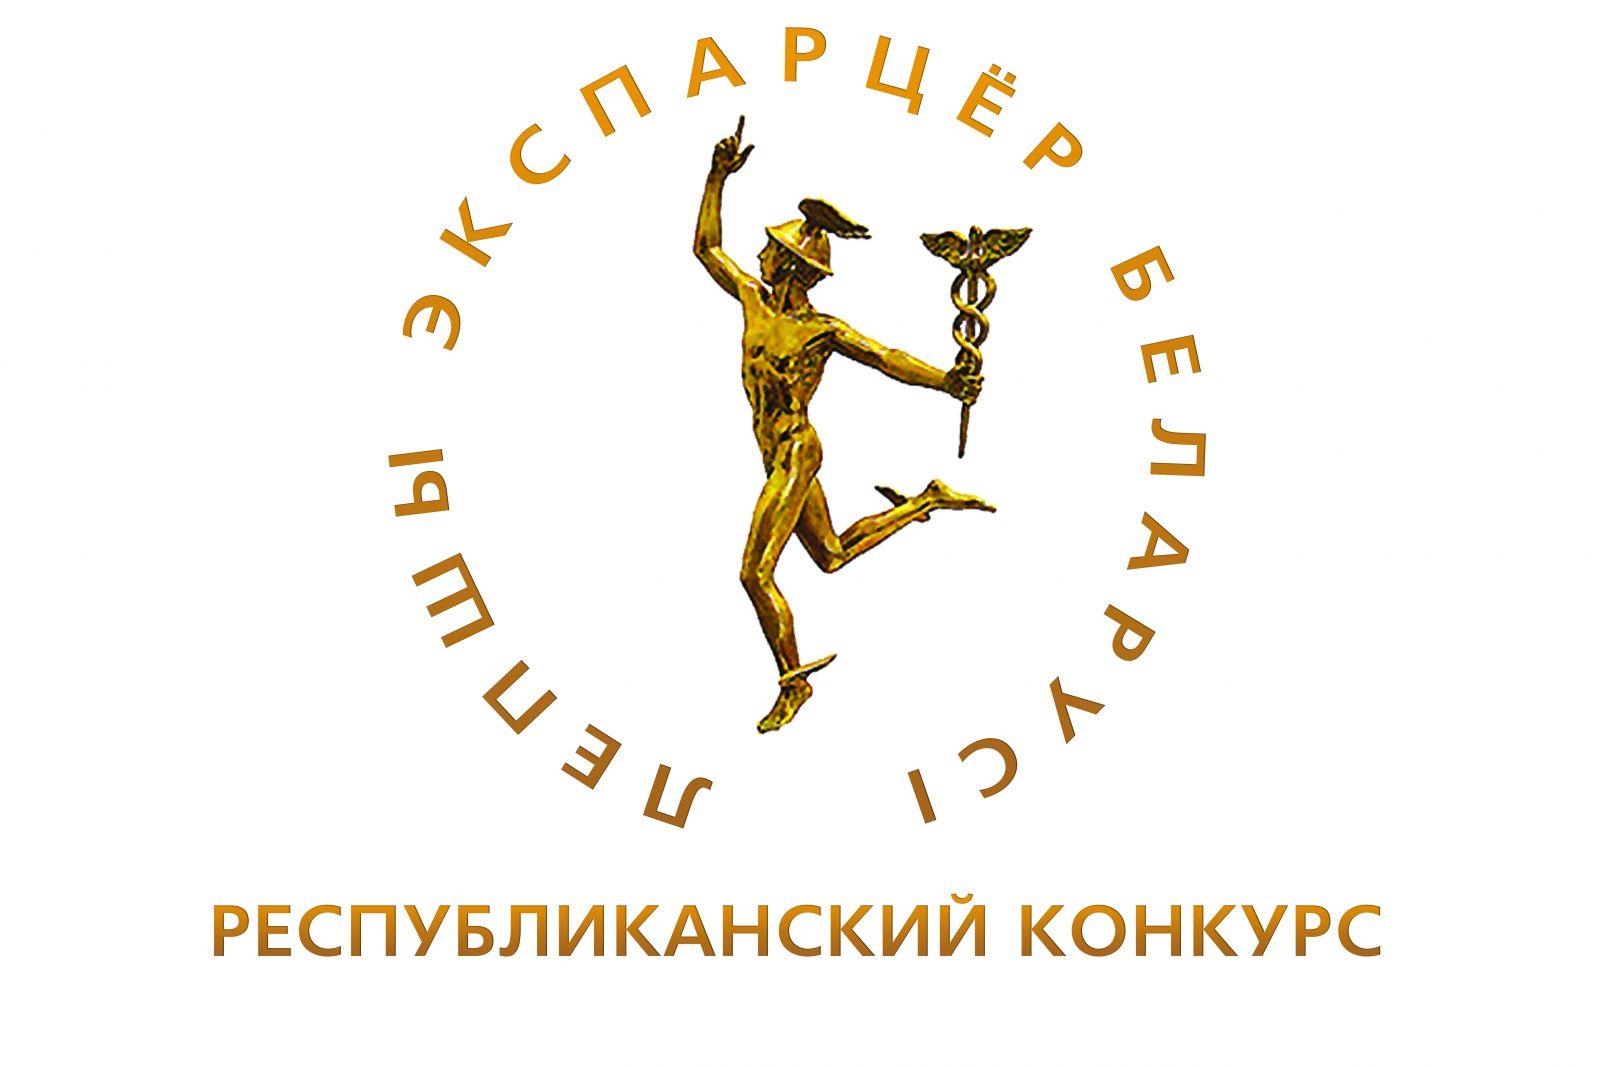 ЛУЧШИЙ ЭКСПОРТЕР 2019 ГОДА